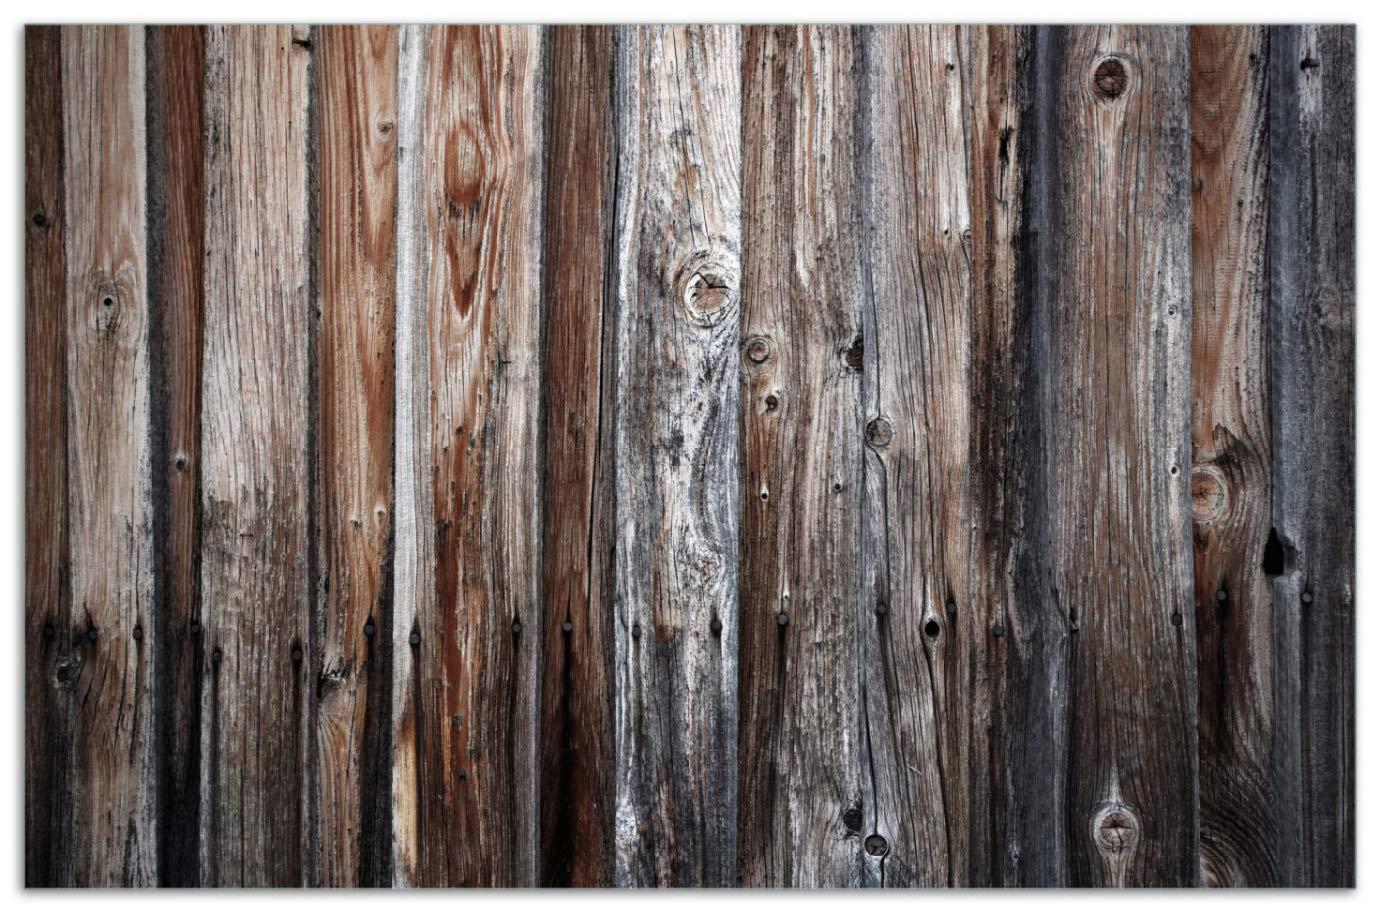 Alte Holzwand f/ür Ceran- und Induktionsherde Wallario Herdabdeckplatte//Spritzschutz aus Glas Holzplanken in grau und braun 52x60cm 1-teilig